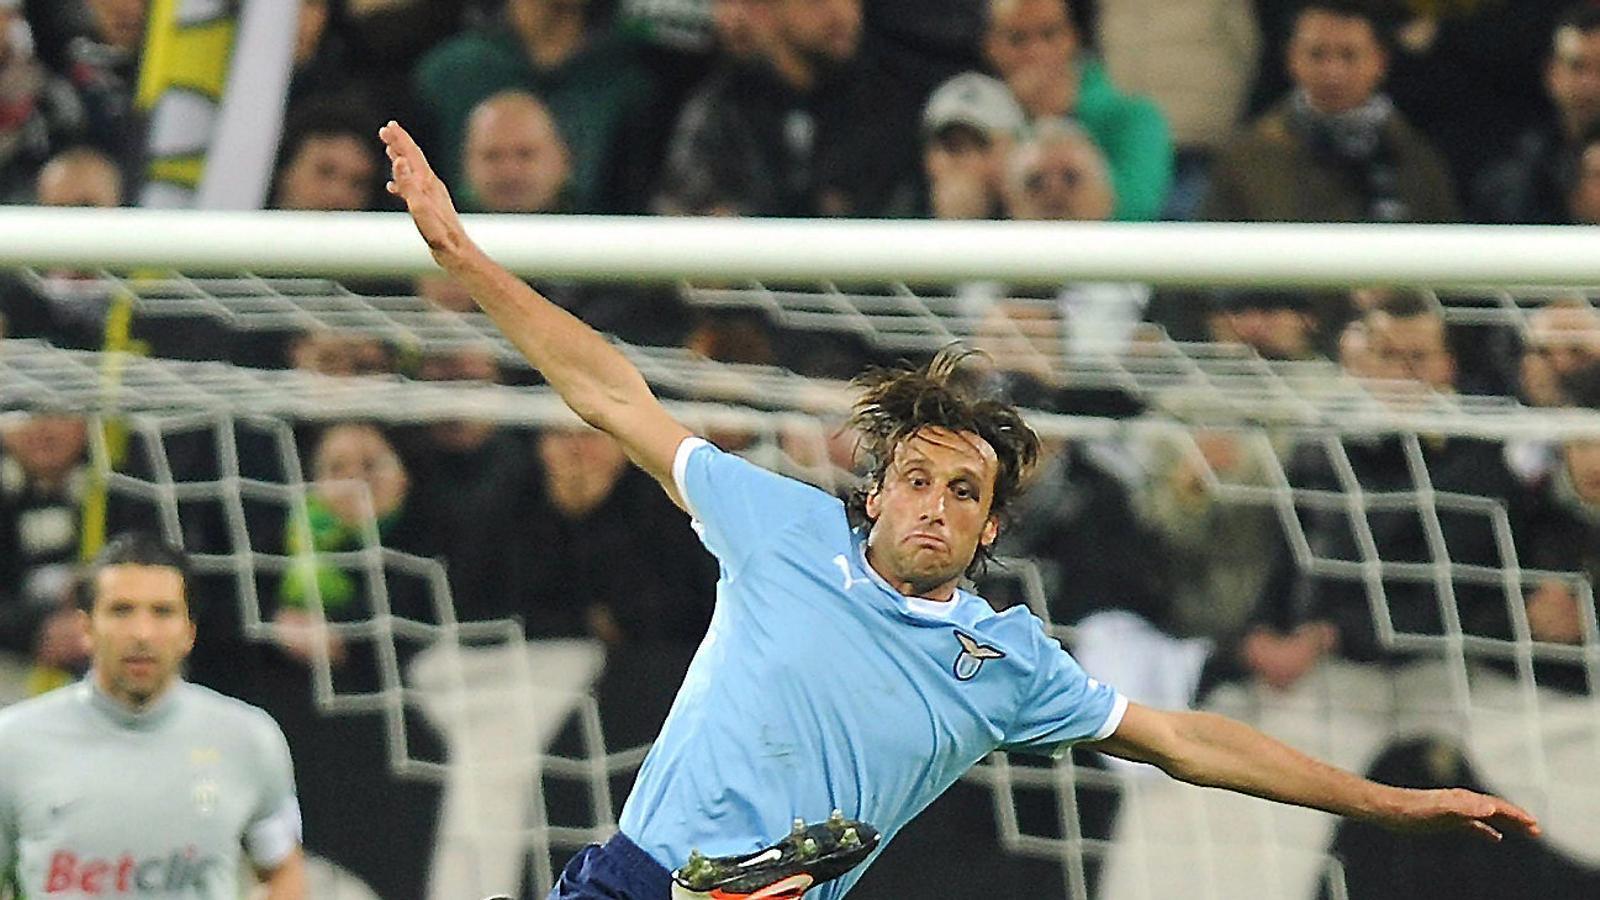 Stefano Mauri va ser sancionat, quan era jugador del Lazio per haver estat involucrat en un cas de frau en un partit de la lliga italiana la temporada 2010-2011.